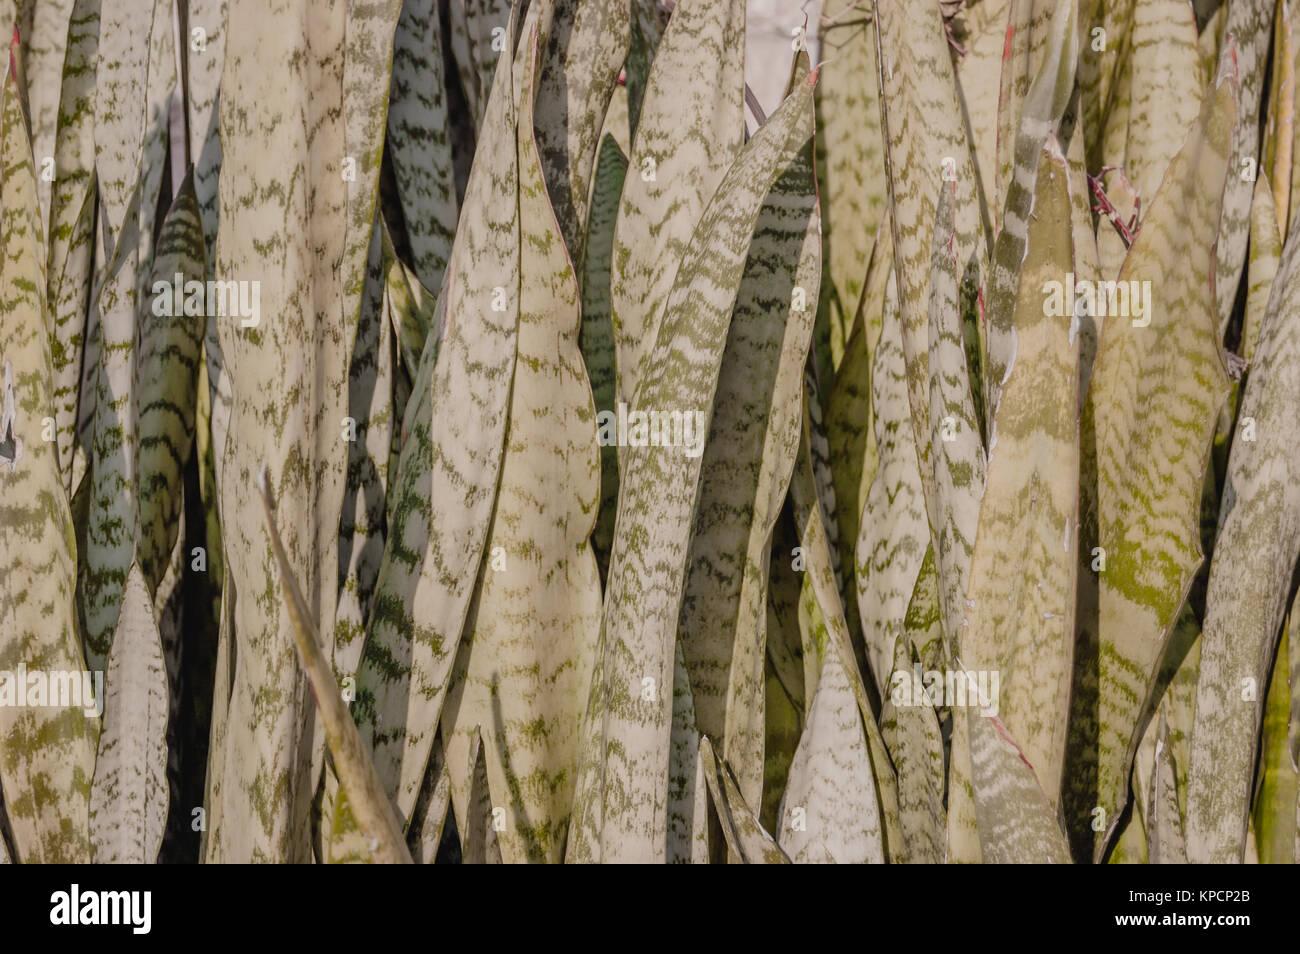 Sansevieria sansevieria stockfotos sansevieria sansevieria bilder alamy - Hanf zimmerpflanze ...